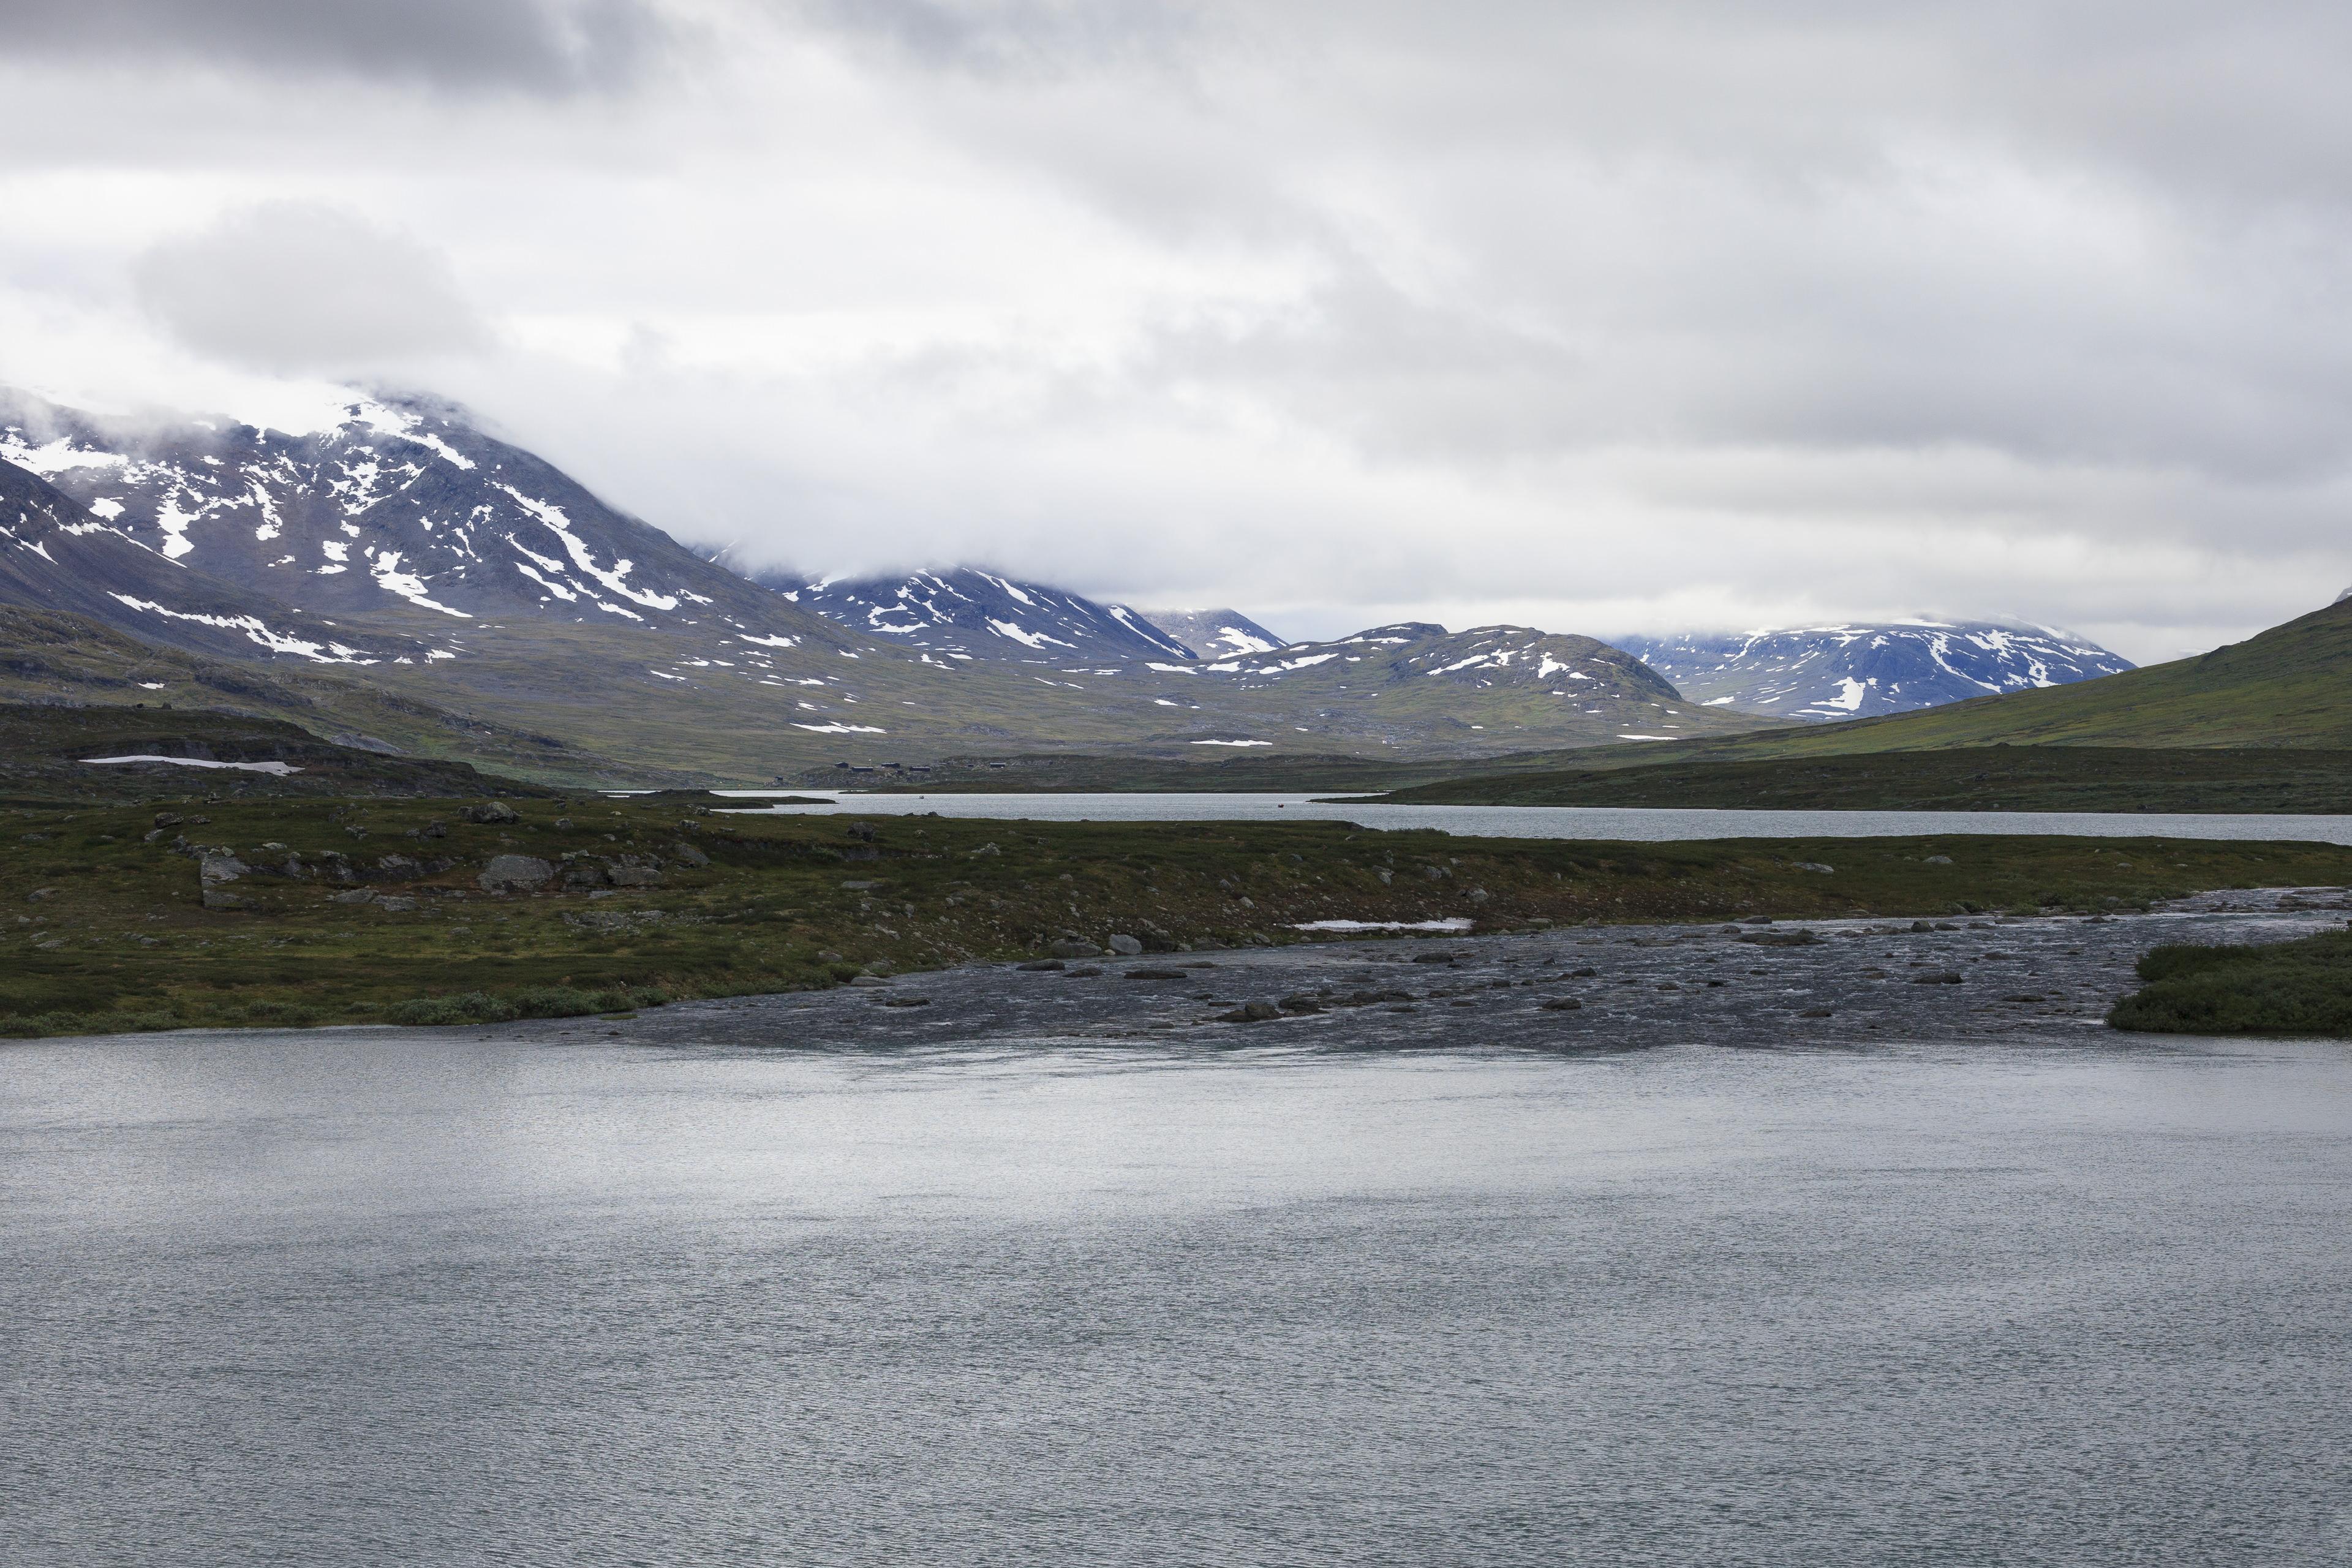 Die Seen Rádujávri und Alisjávri, im Hintergrund unser Tagesziel, die Alesjaure-Hütten,©Markus Proske—Canon EOS 5D Mark II, EF70-300mm f/4-5.6L IS USM, 95mm, 1/640s, Blende 8, ISO 250